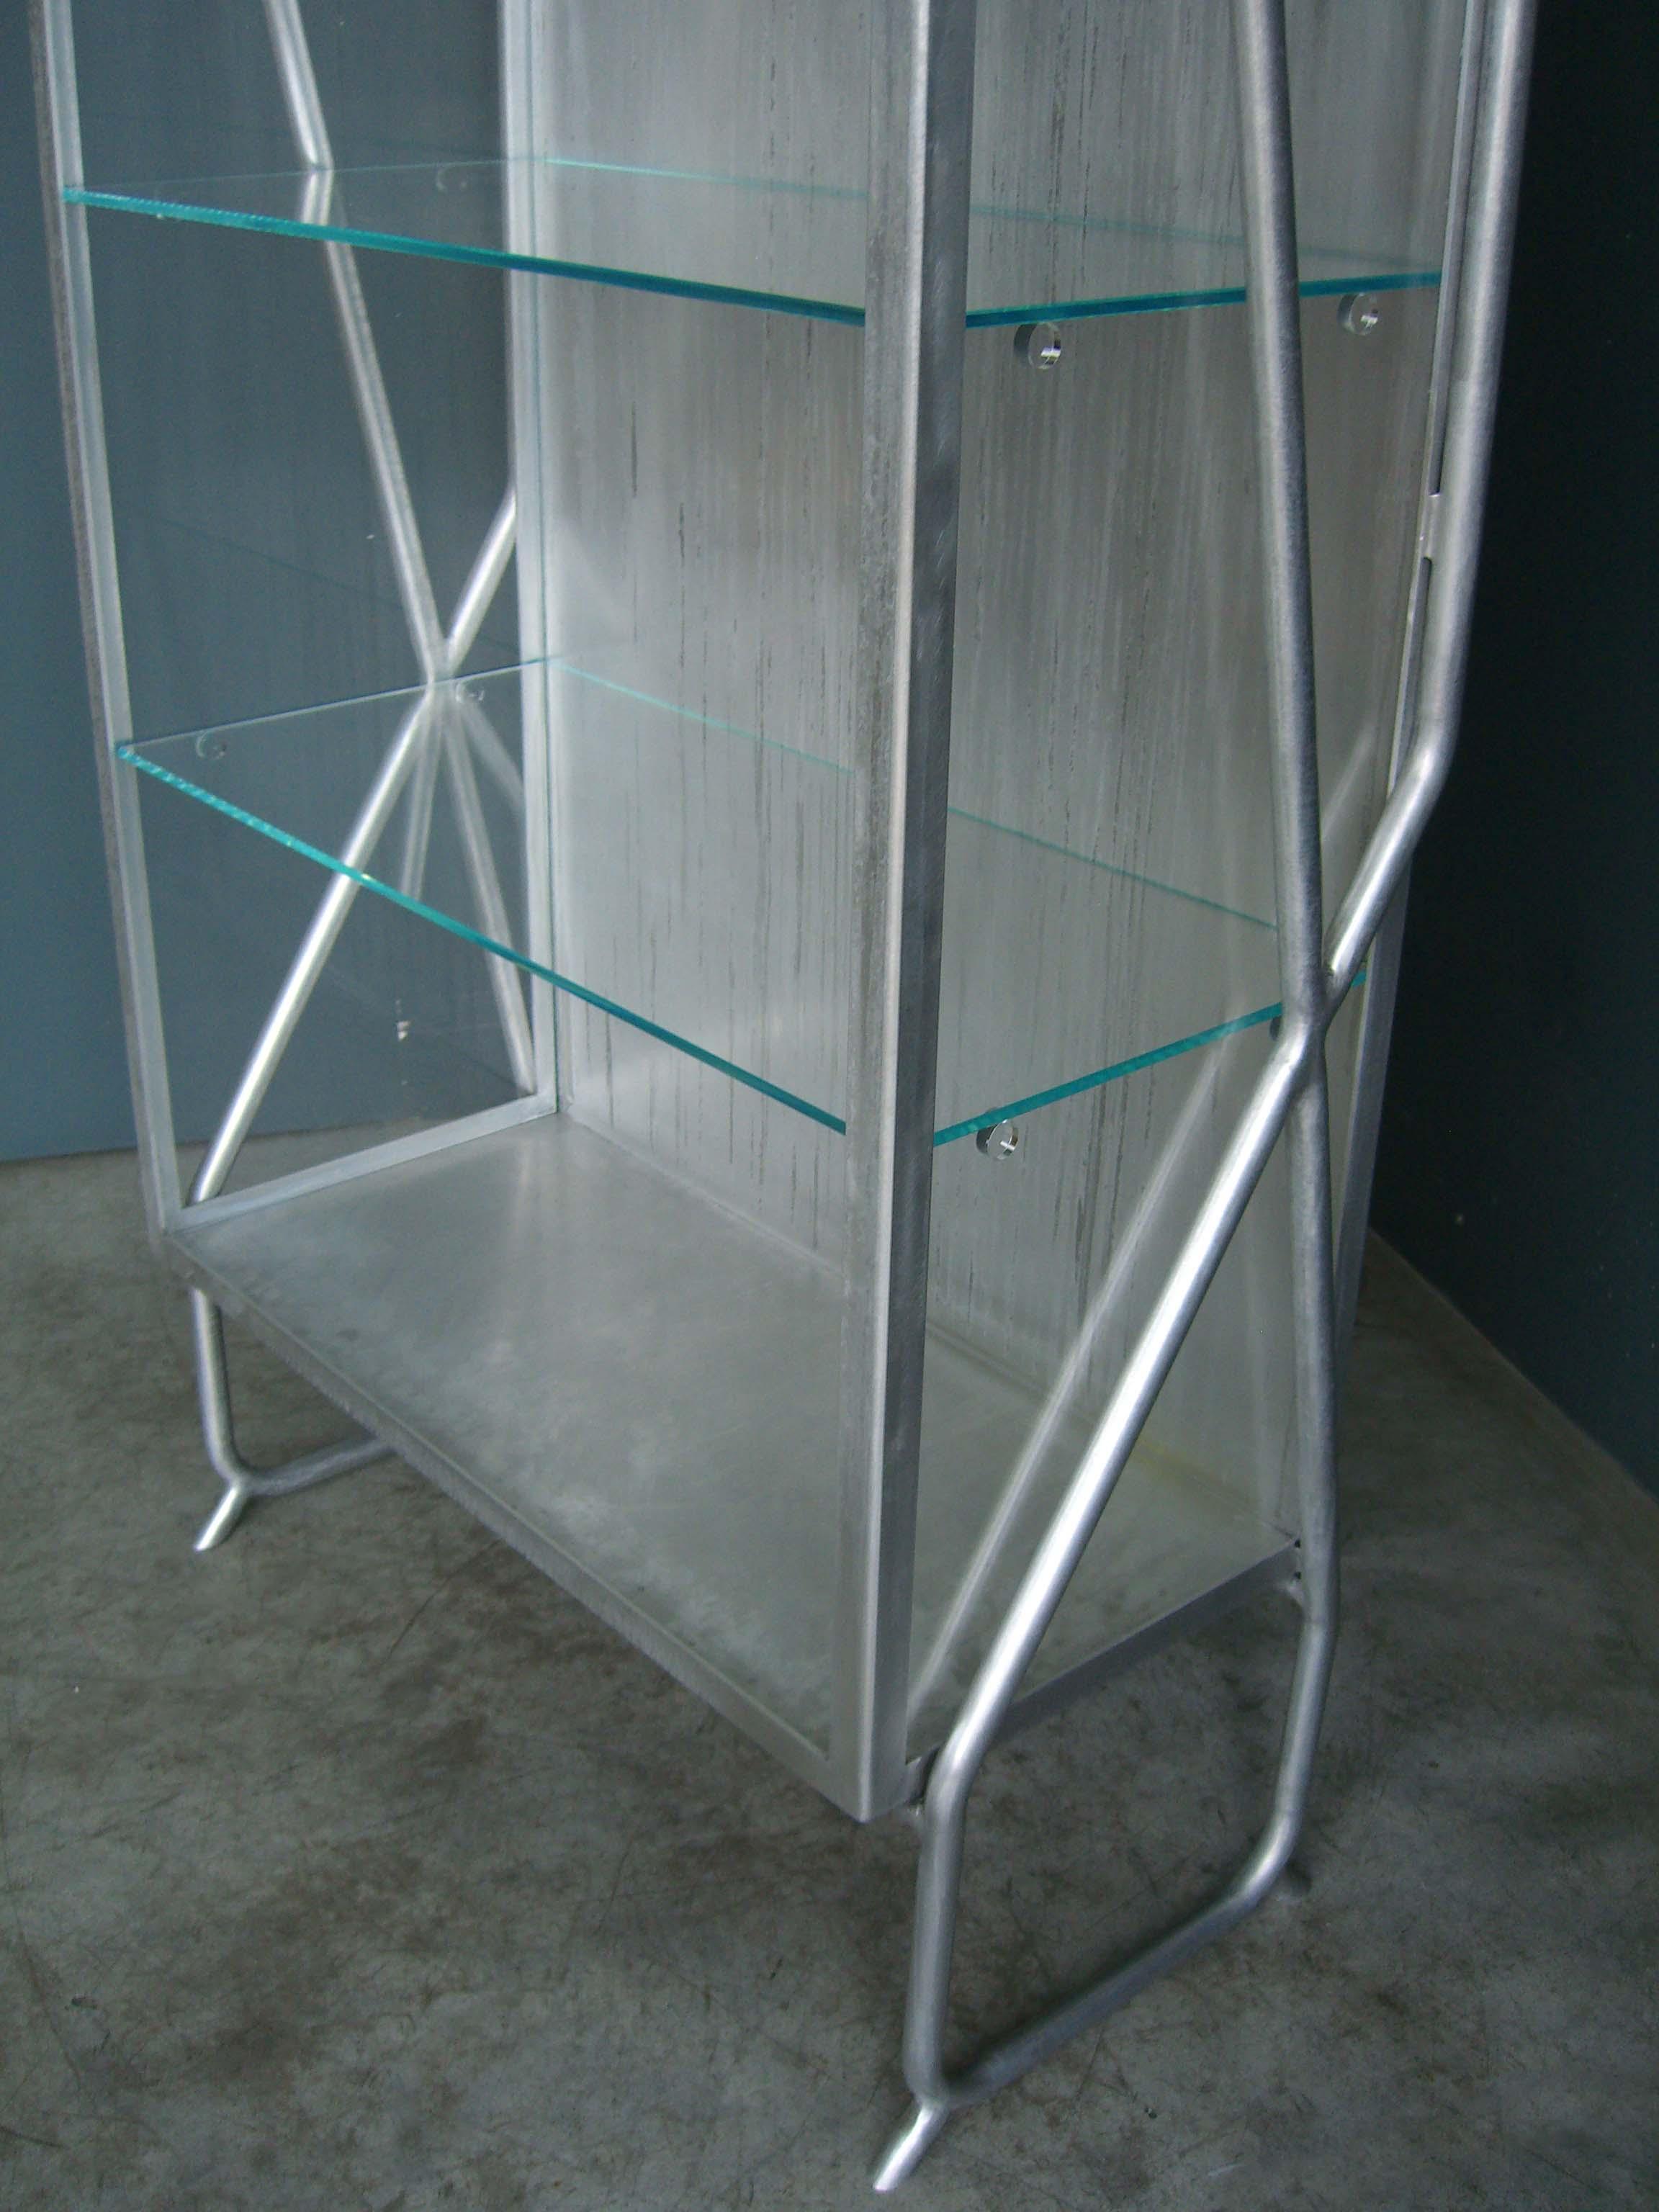 ORVETT for DIESEL - ANALGESICA SHOWCASE, aluminium